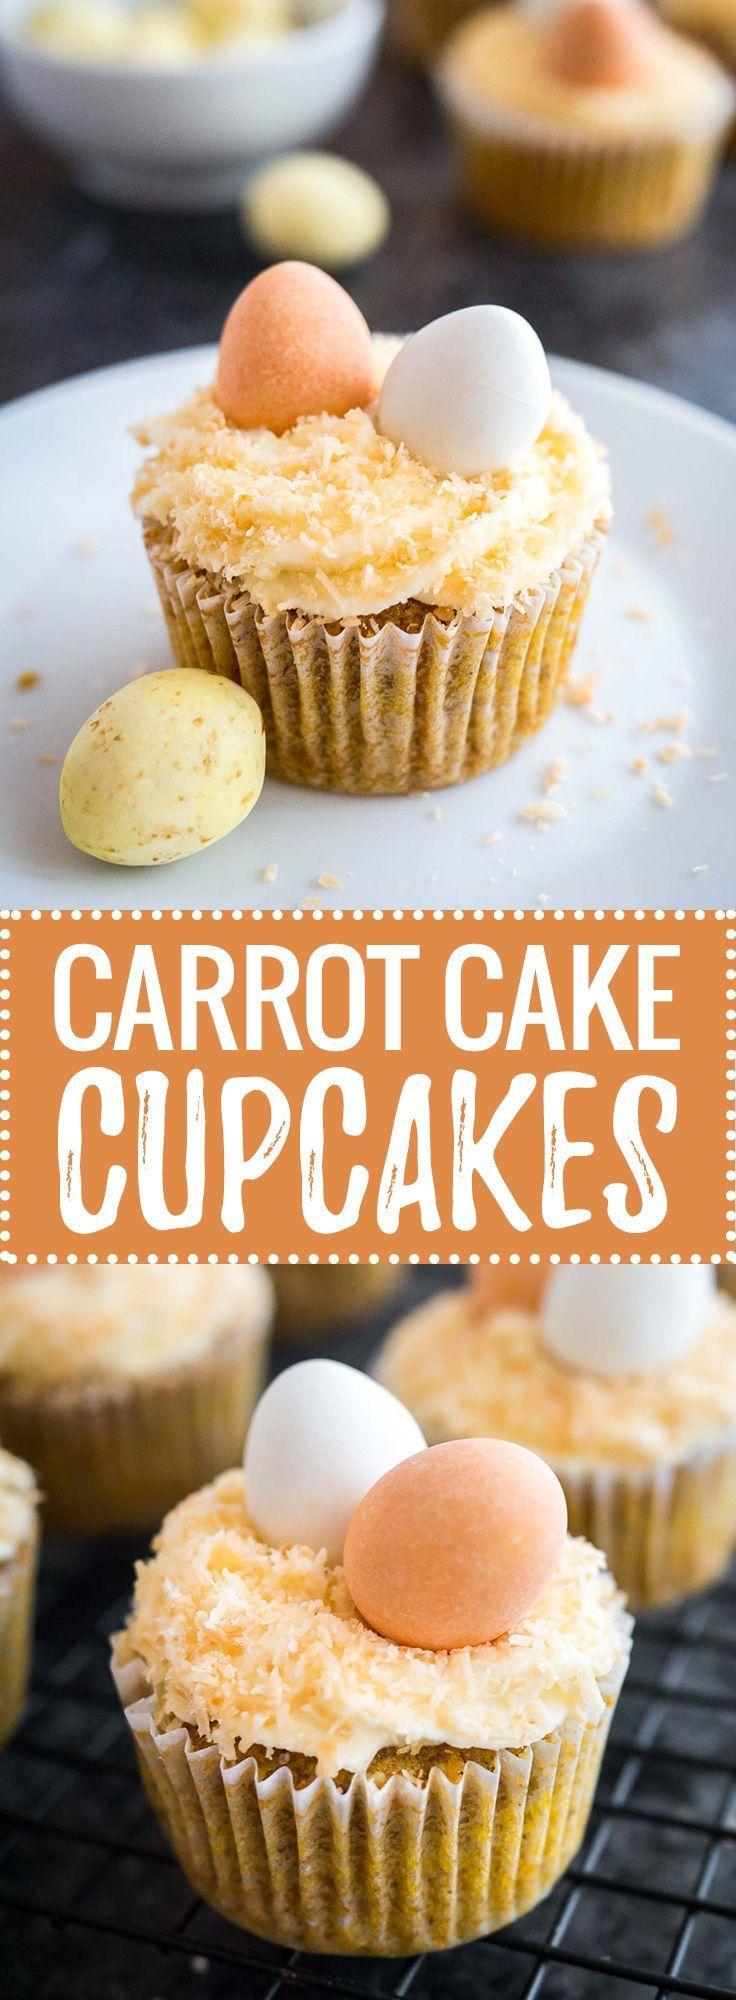 Yolanda Gampp Carrot Cake